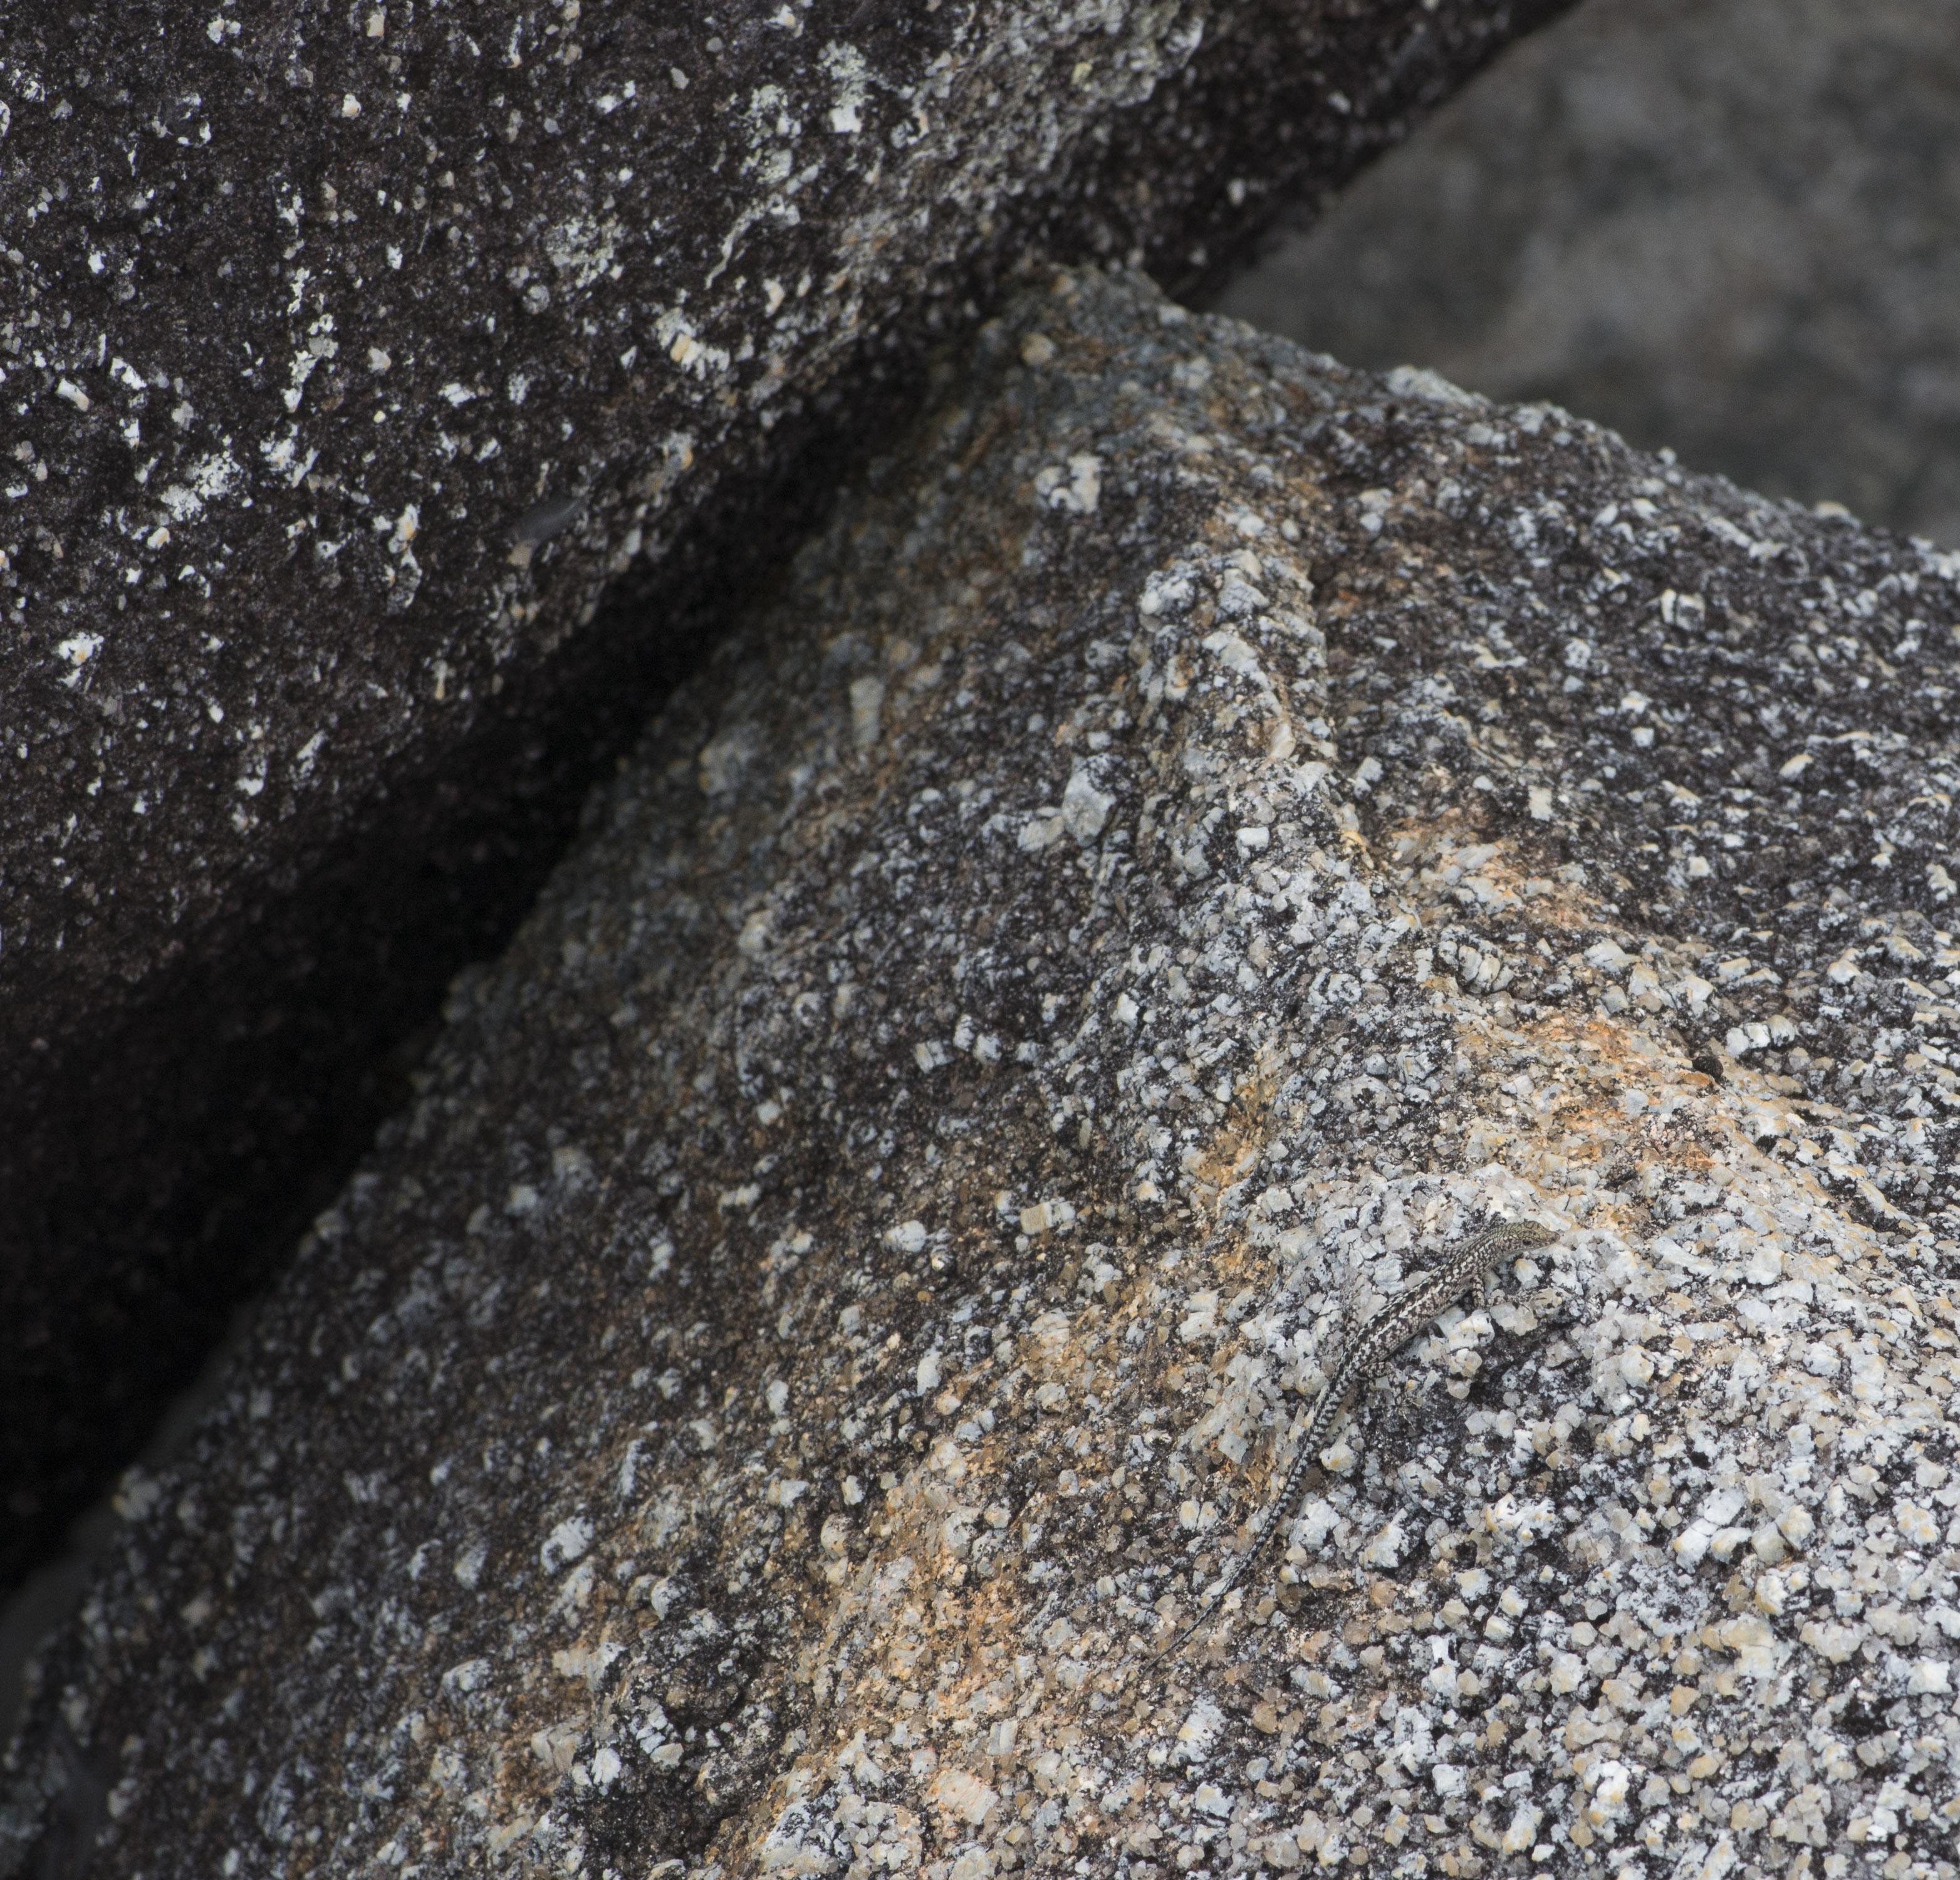 Cape Melville Skink